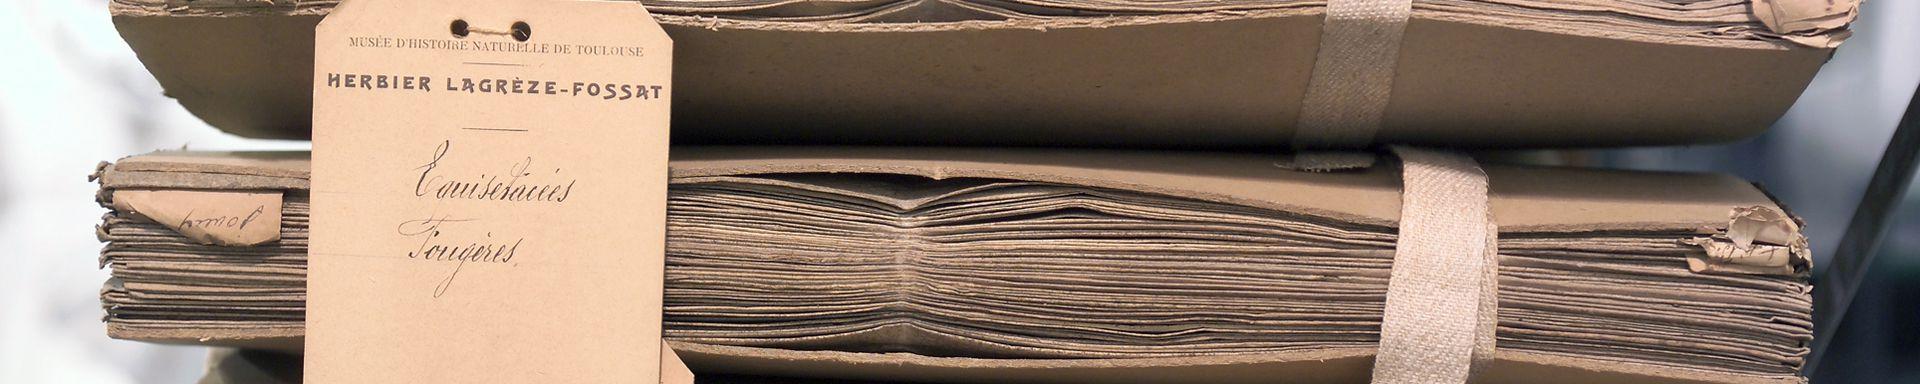 Herbier Lagrèze-Fossat, Muséum de Toulouse